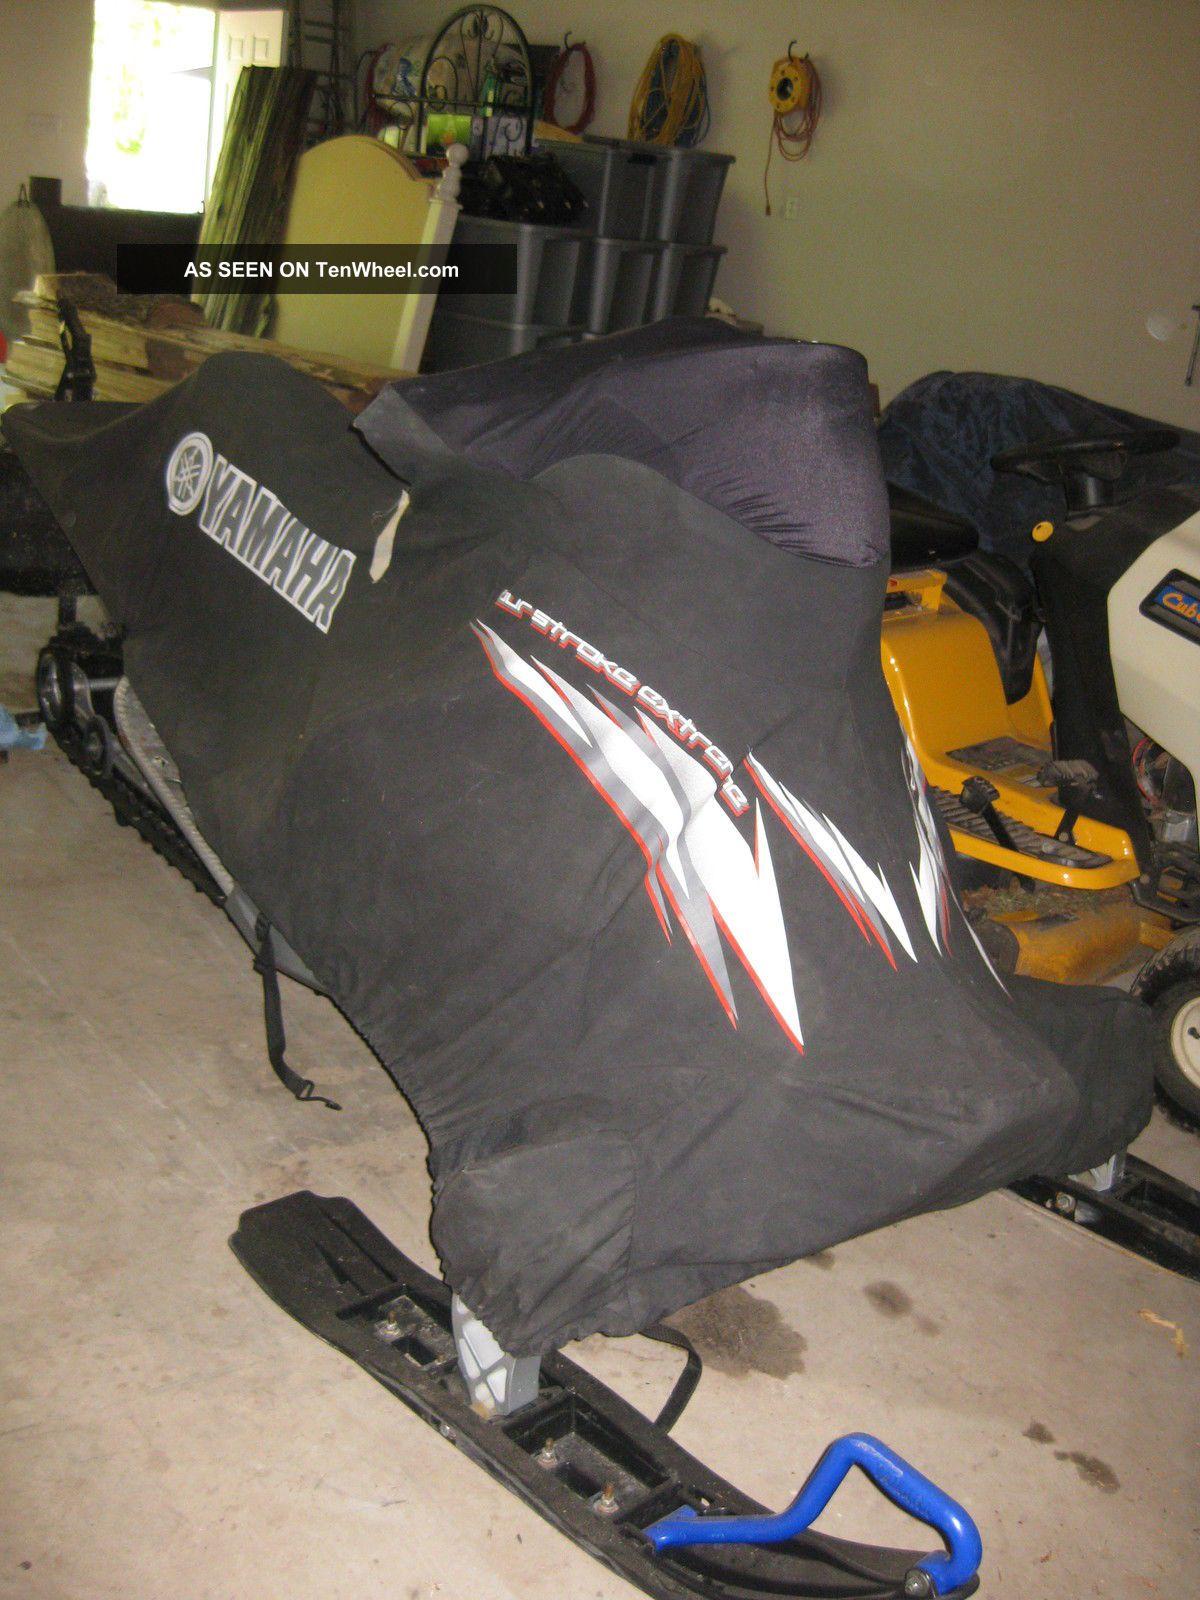 2007 Yamaha Phazer Yamaha photo